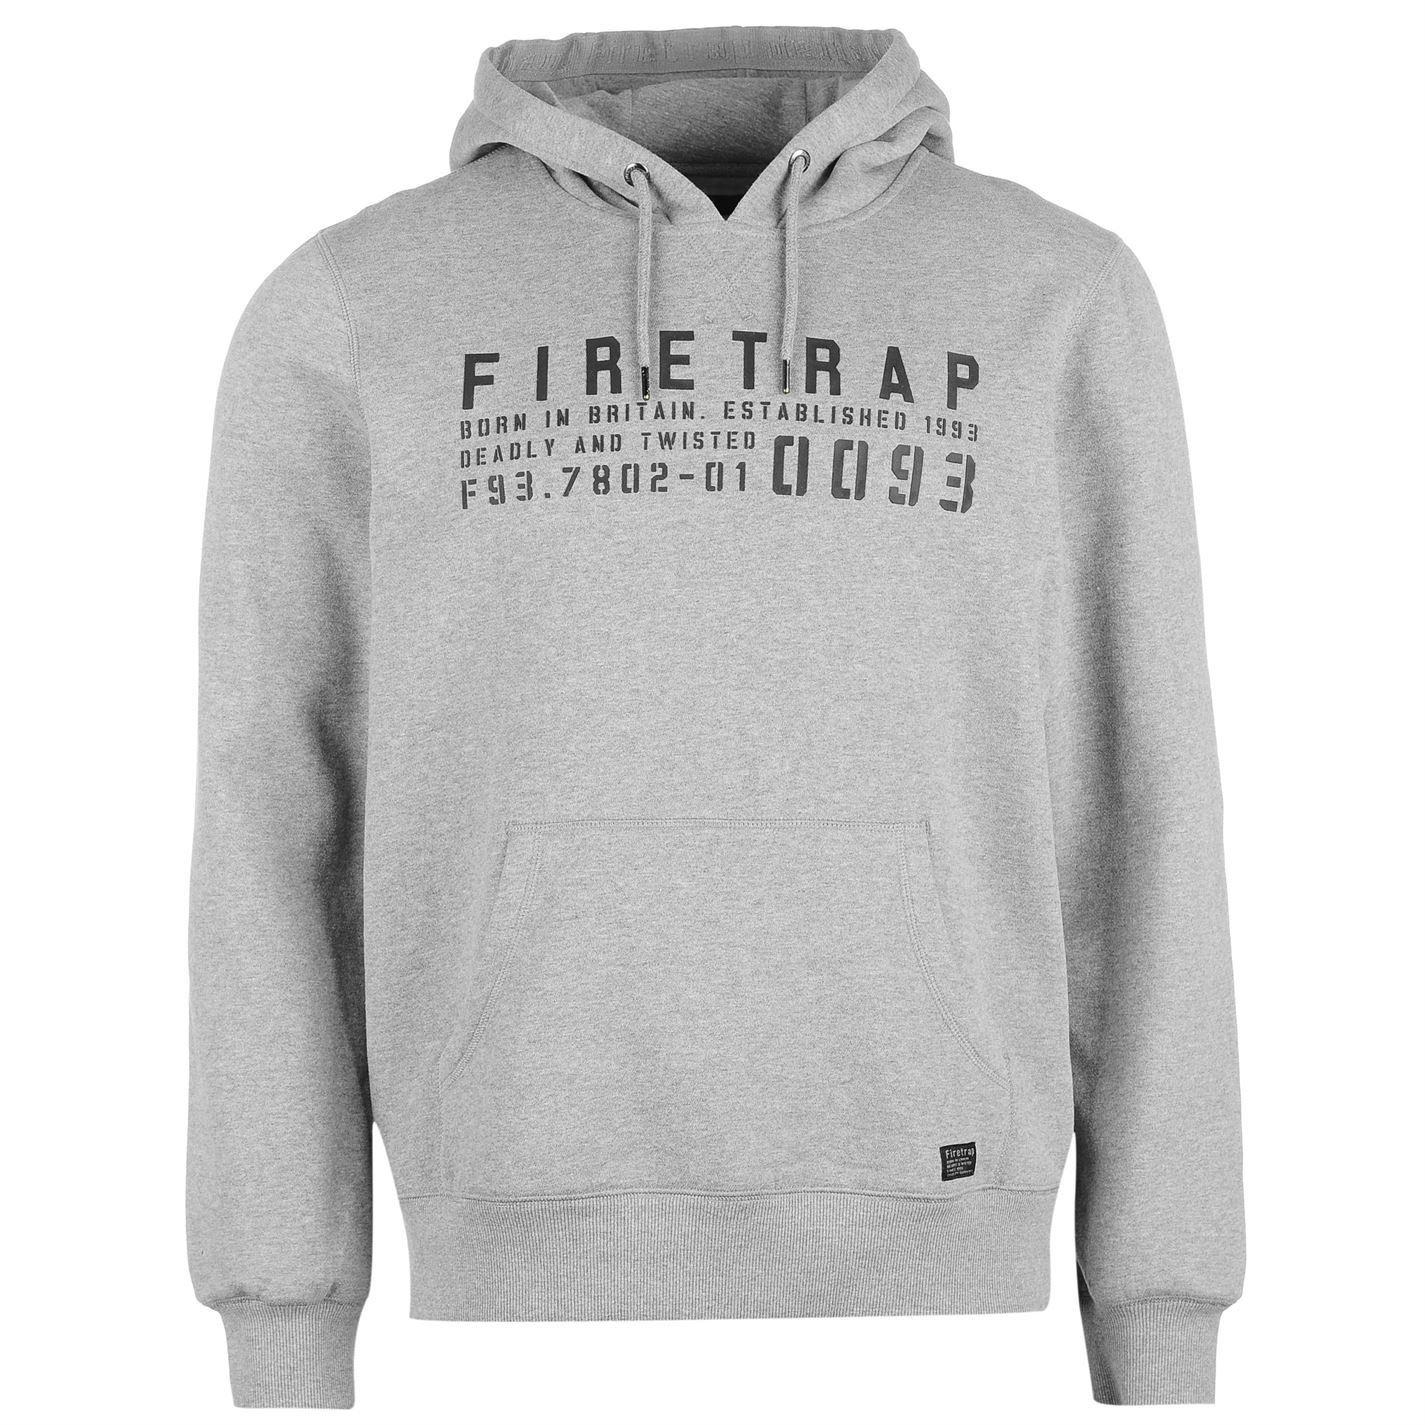 Firetrap Mens OTH Graphic Hoody Hoodie Hooded Top Long Sleeve Kangaroo Pocket